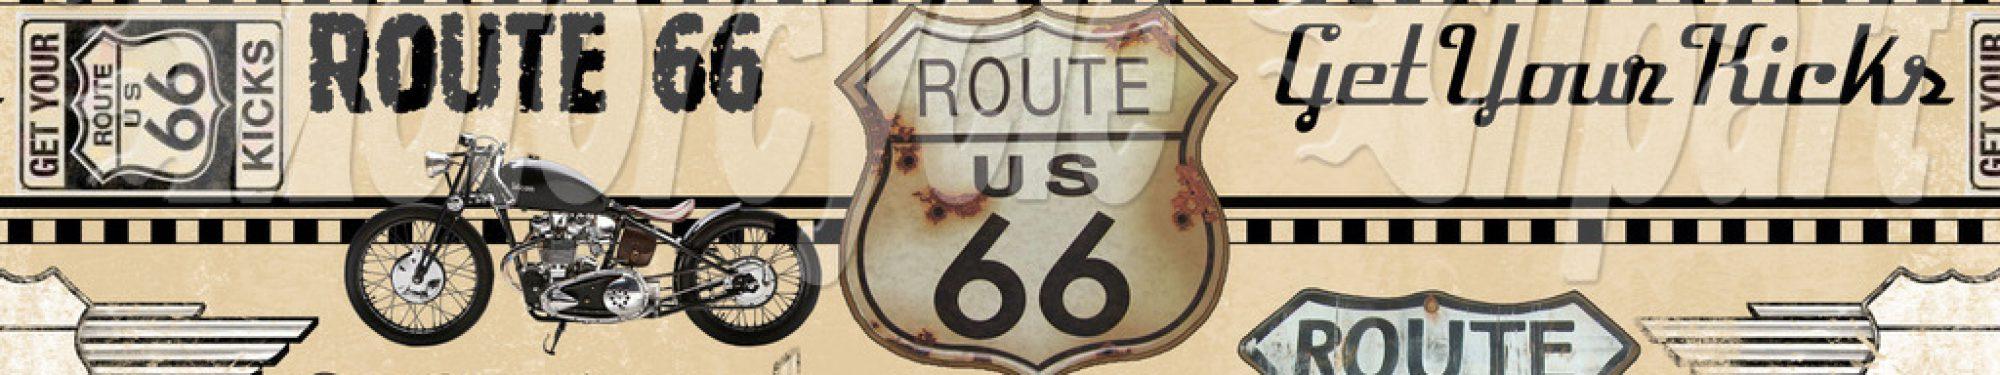 Vegan Route 66